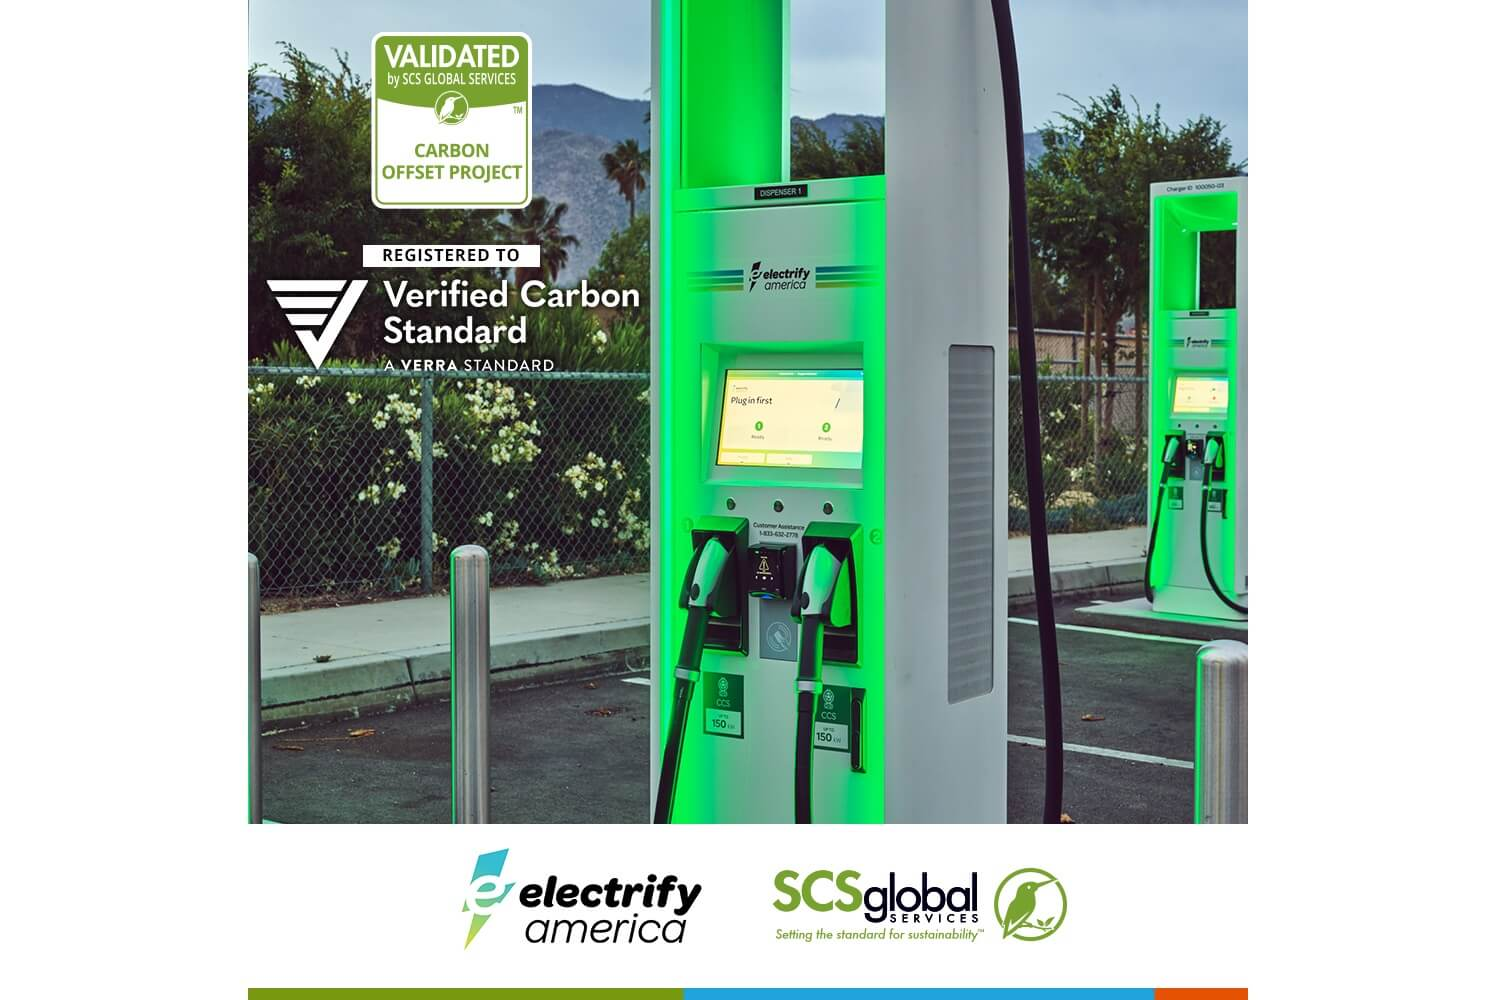 Electrify America объявила о первой в мире проверке проекта по компенсации выбросов углерода для инфраструктуры зарядки электромобилей